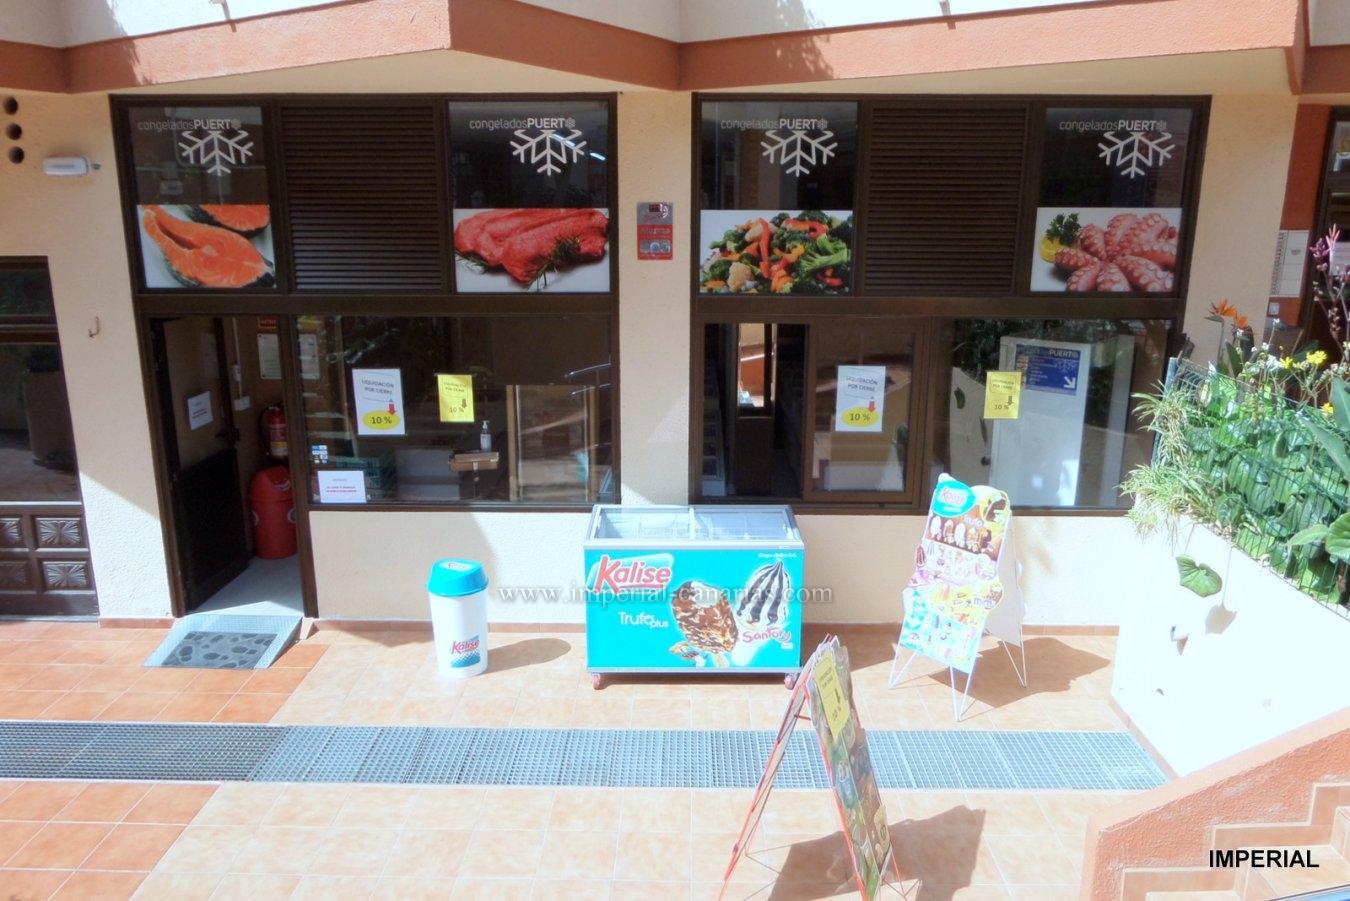 Geschäftsräume für Tiefkühlprodukte zum Verkauf im Herzen von Puerto de la Cruz.